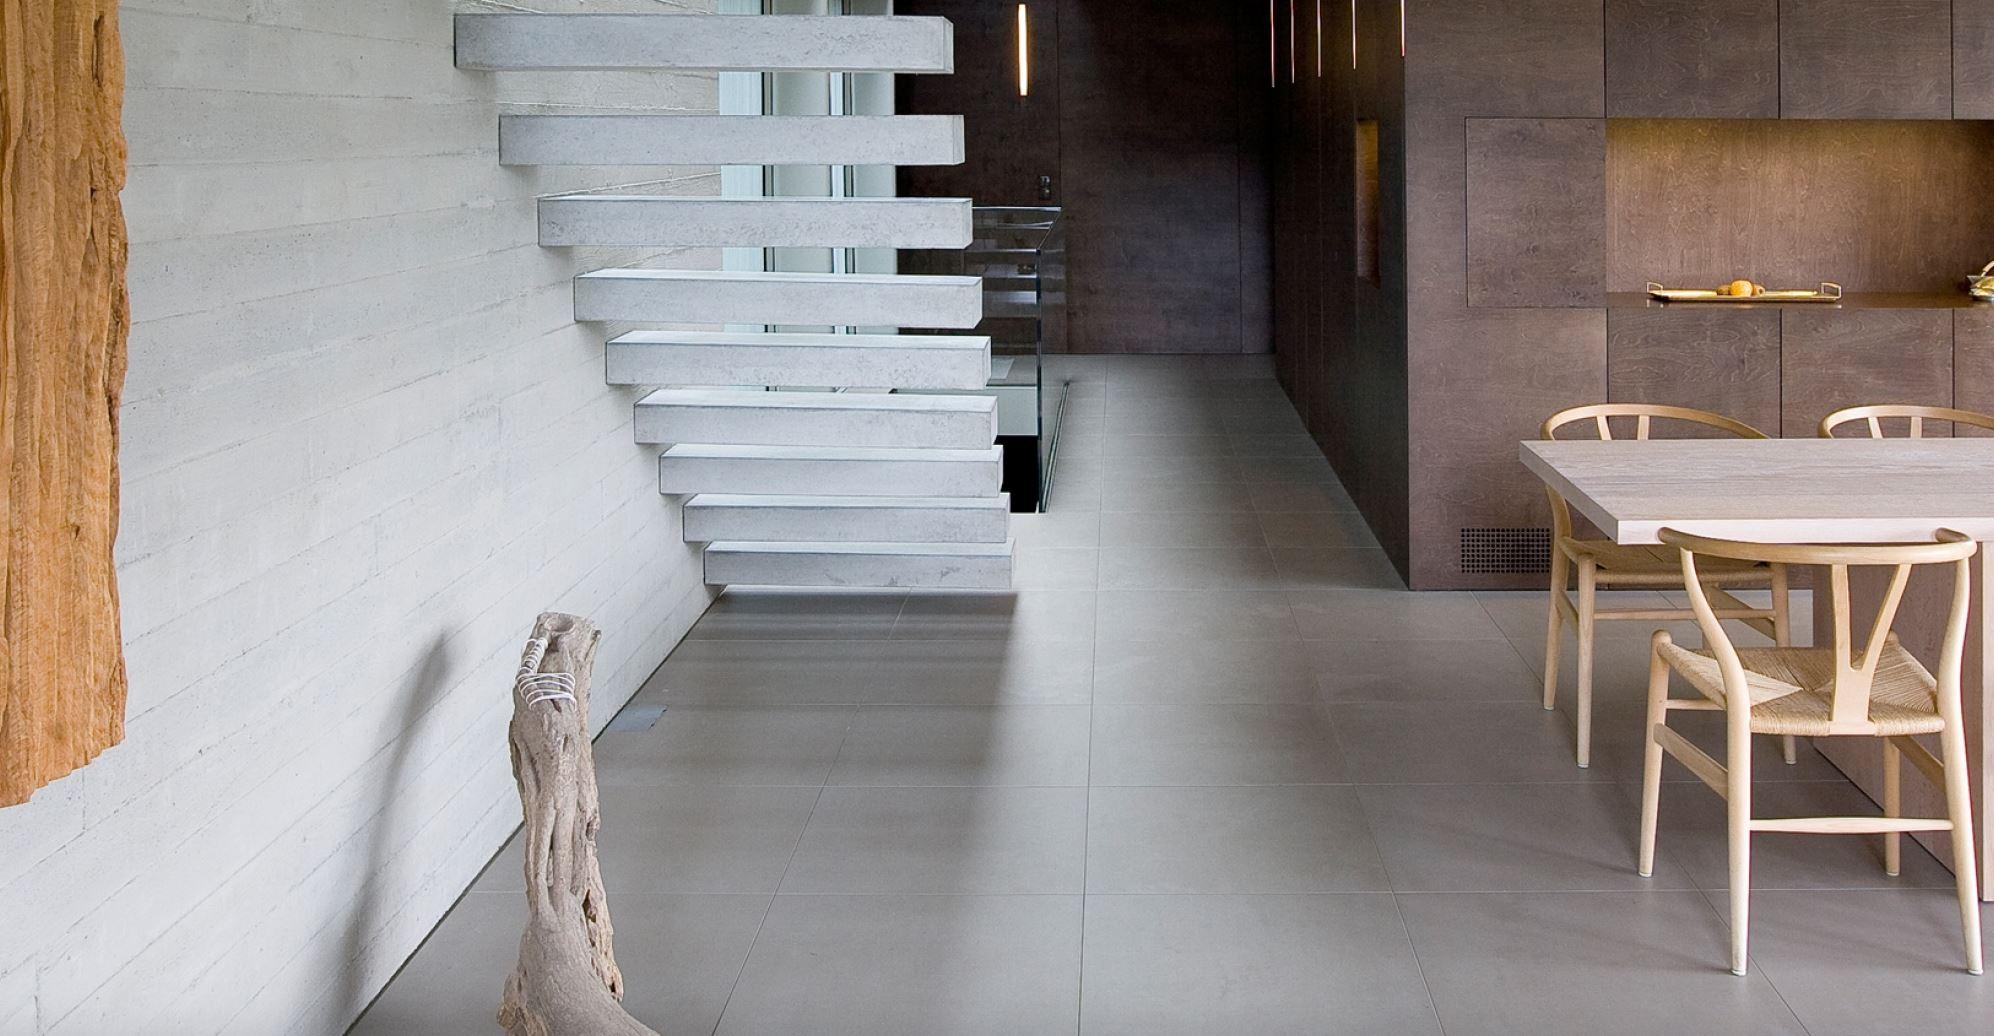 Mosa Terra tiles - Baden Baden Interior